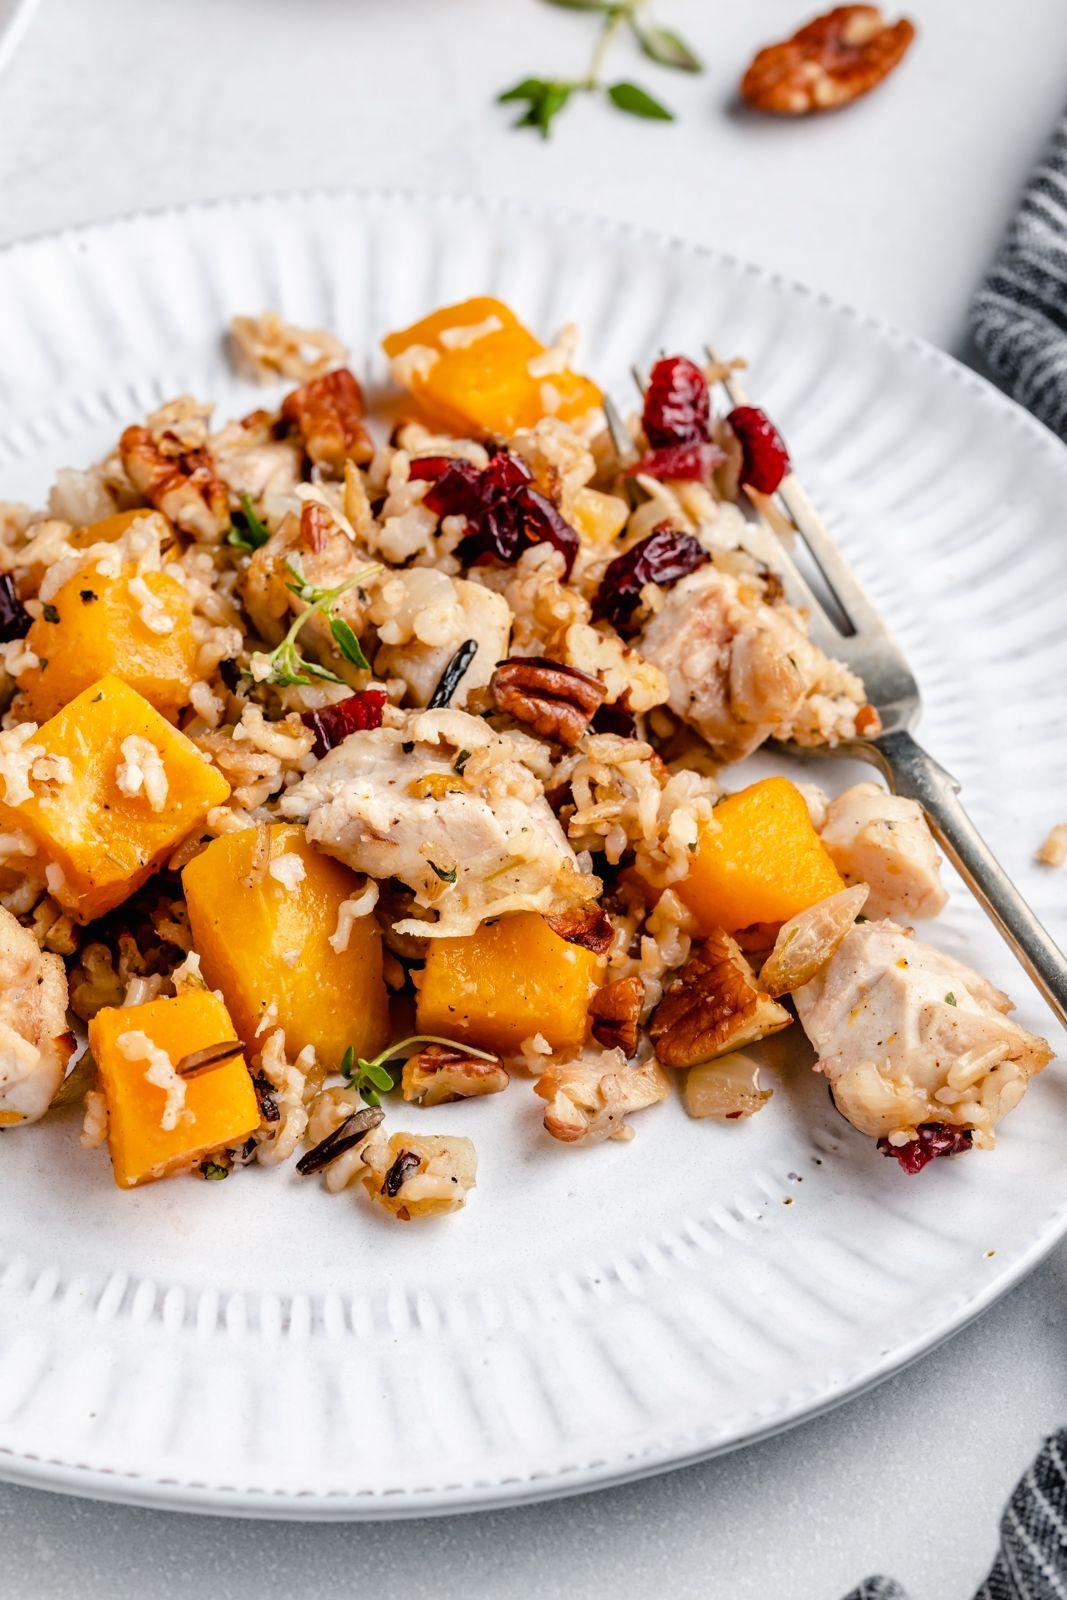 Butternut Squash, Chicken and Wild Rice Casserole